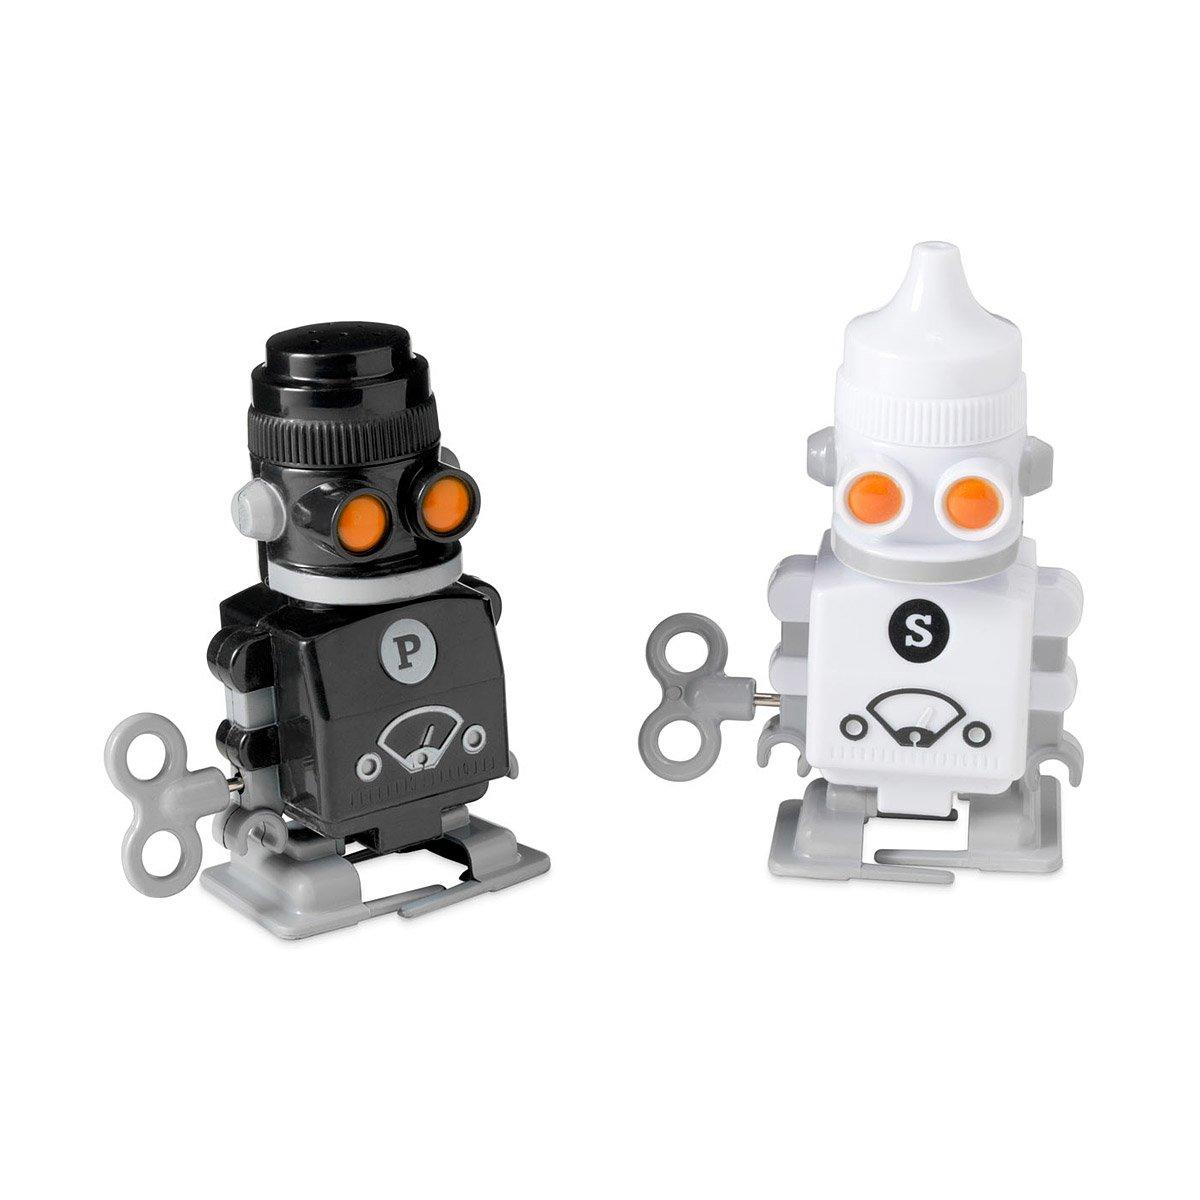 Wind Up Salt and Pepper Robots Robot Salts Pepper Wind Up